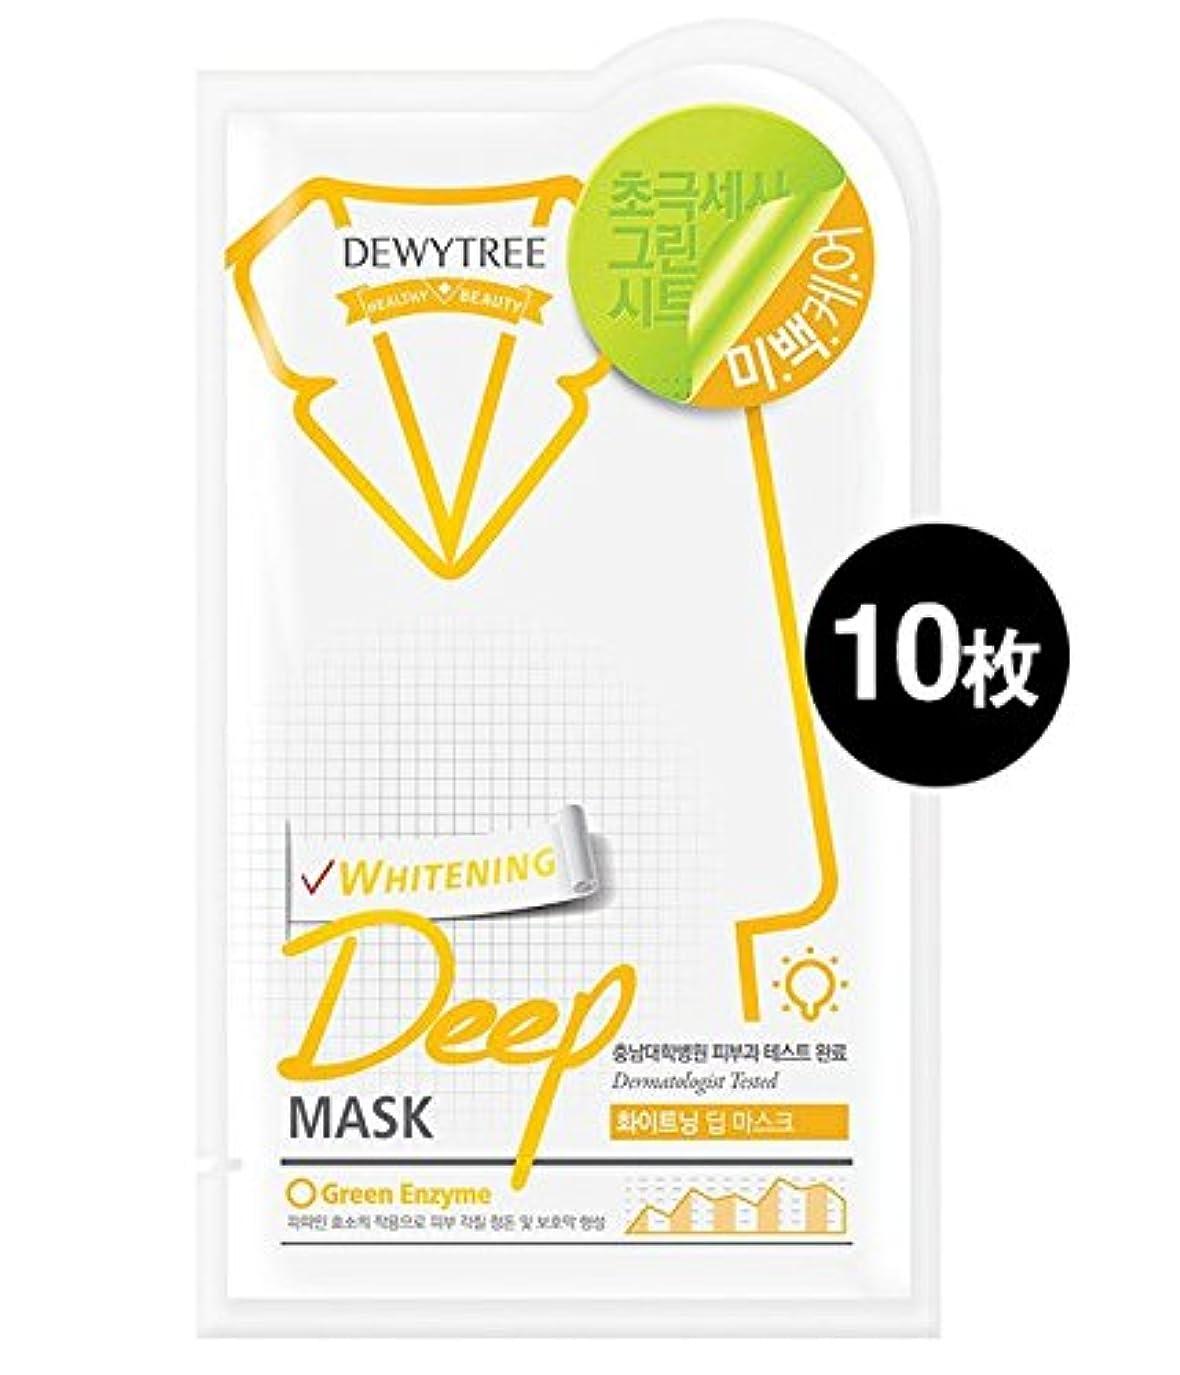 見通し検索エンジンマーケティング同化(デューイトゥリー) DEWYTREE ホワイトニングディープマスク 10枚 Whitening Deep Mask 韓国マスクパック (並行輸入品)